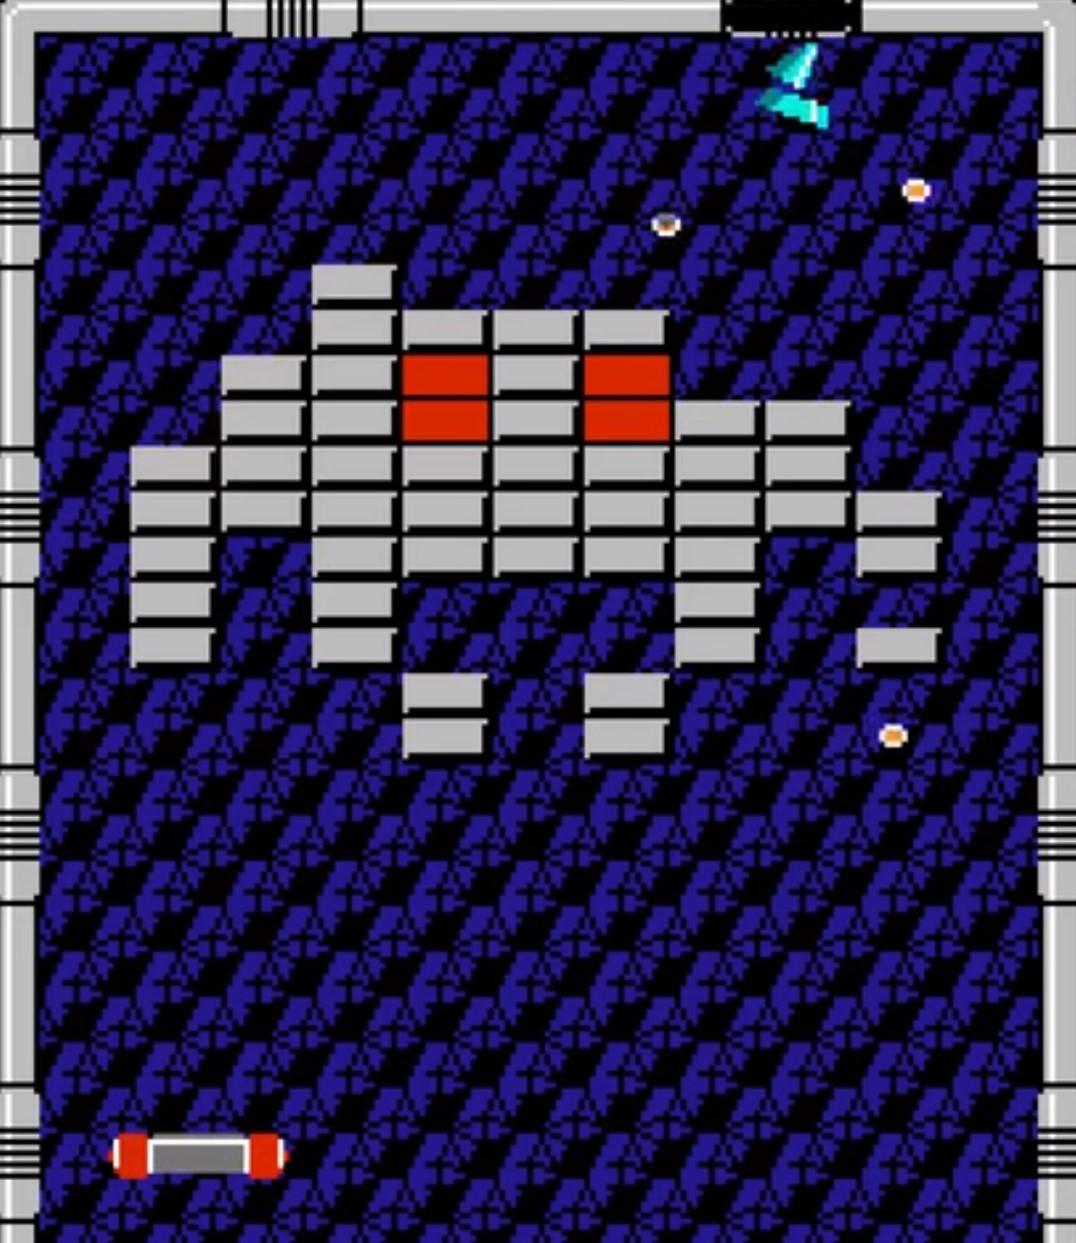 fc打砖块安卓单机版